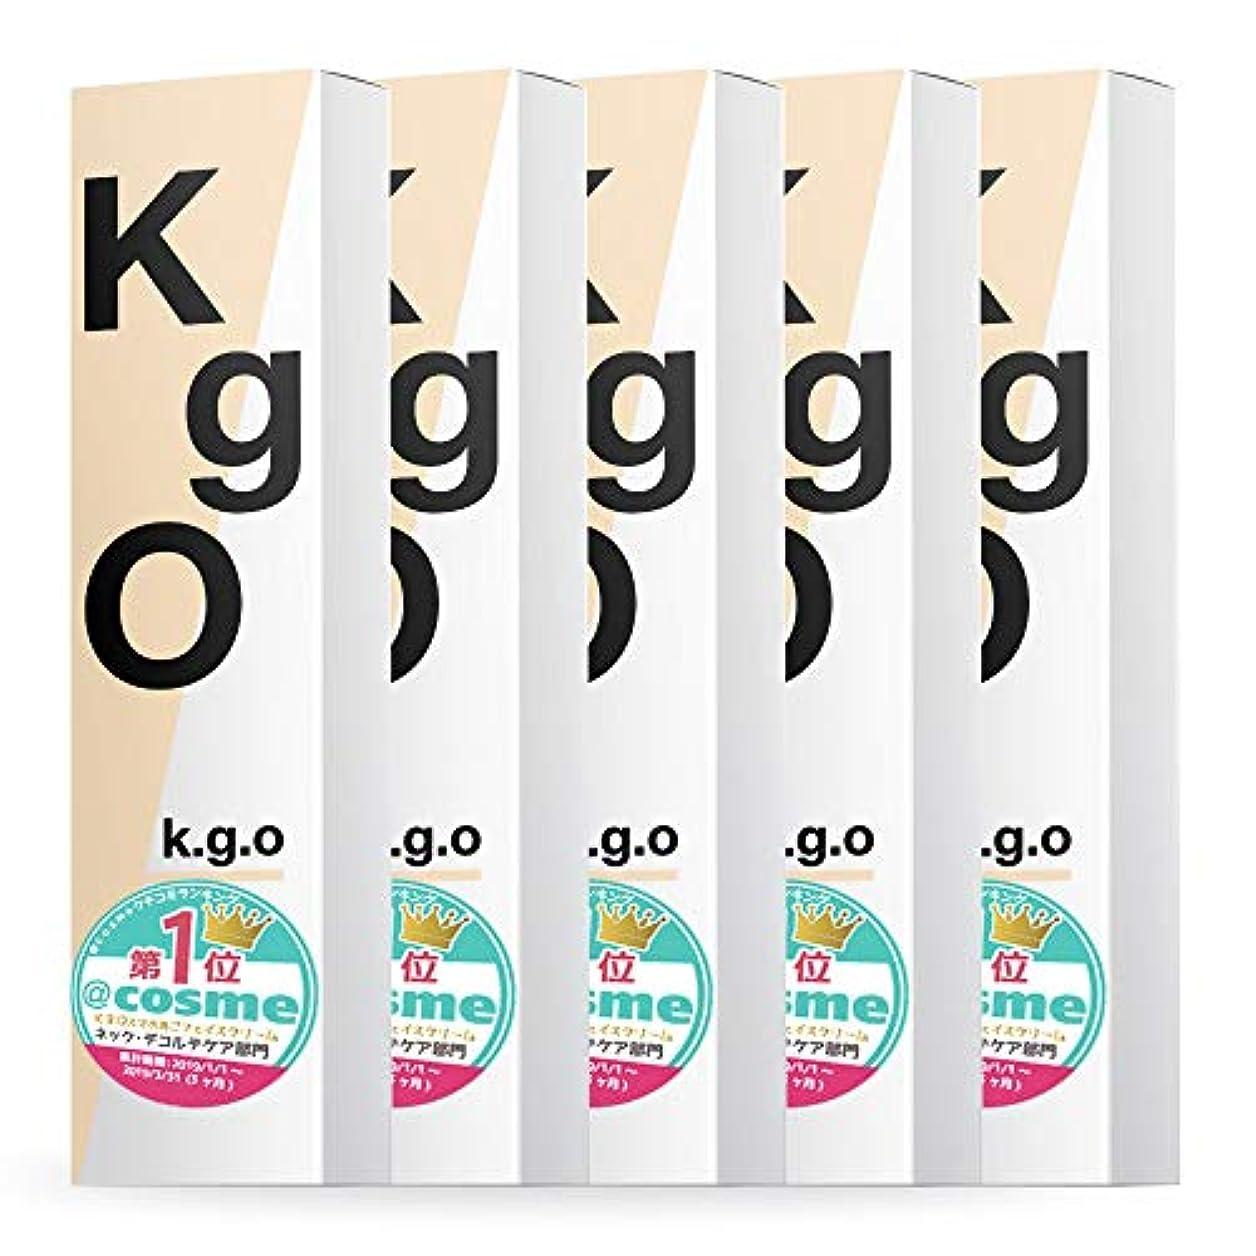 プログレッシブどれ上院【送料無料】K.g.O SUMAHO-AGO face cream ケージーオー スマホあご フェイスクリーム 70g (5本セット)